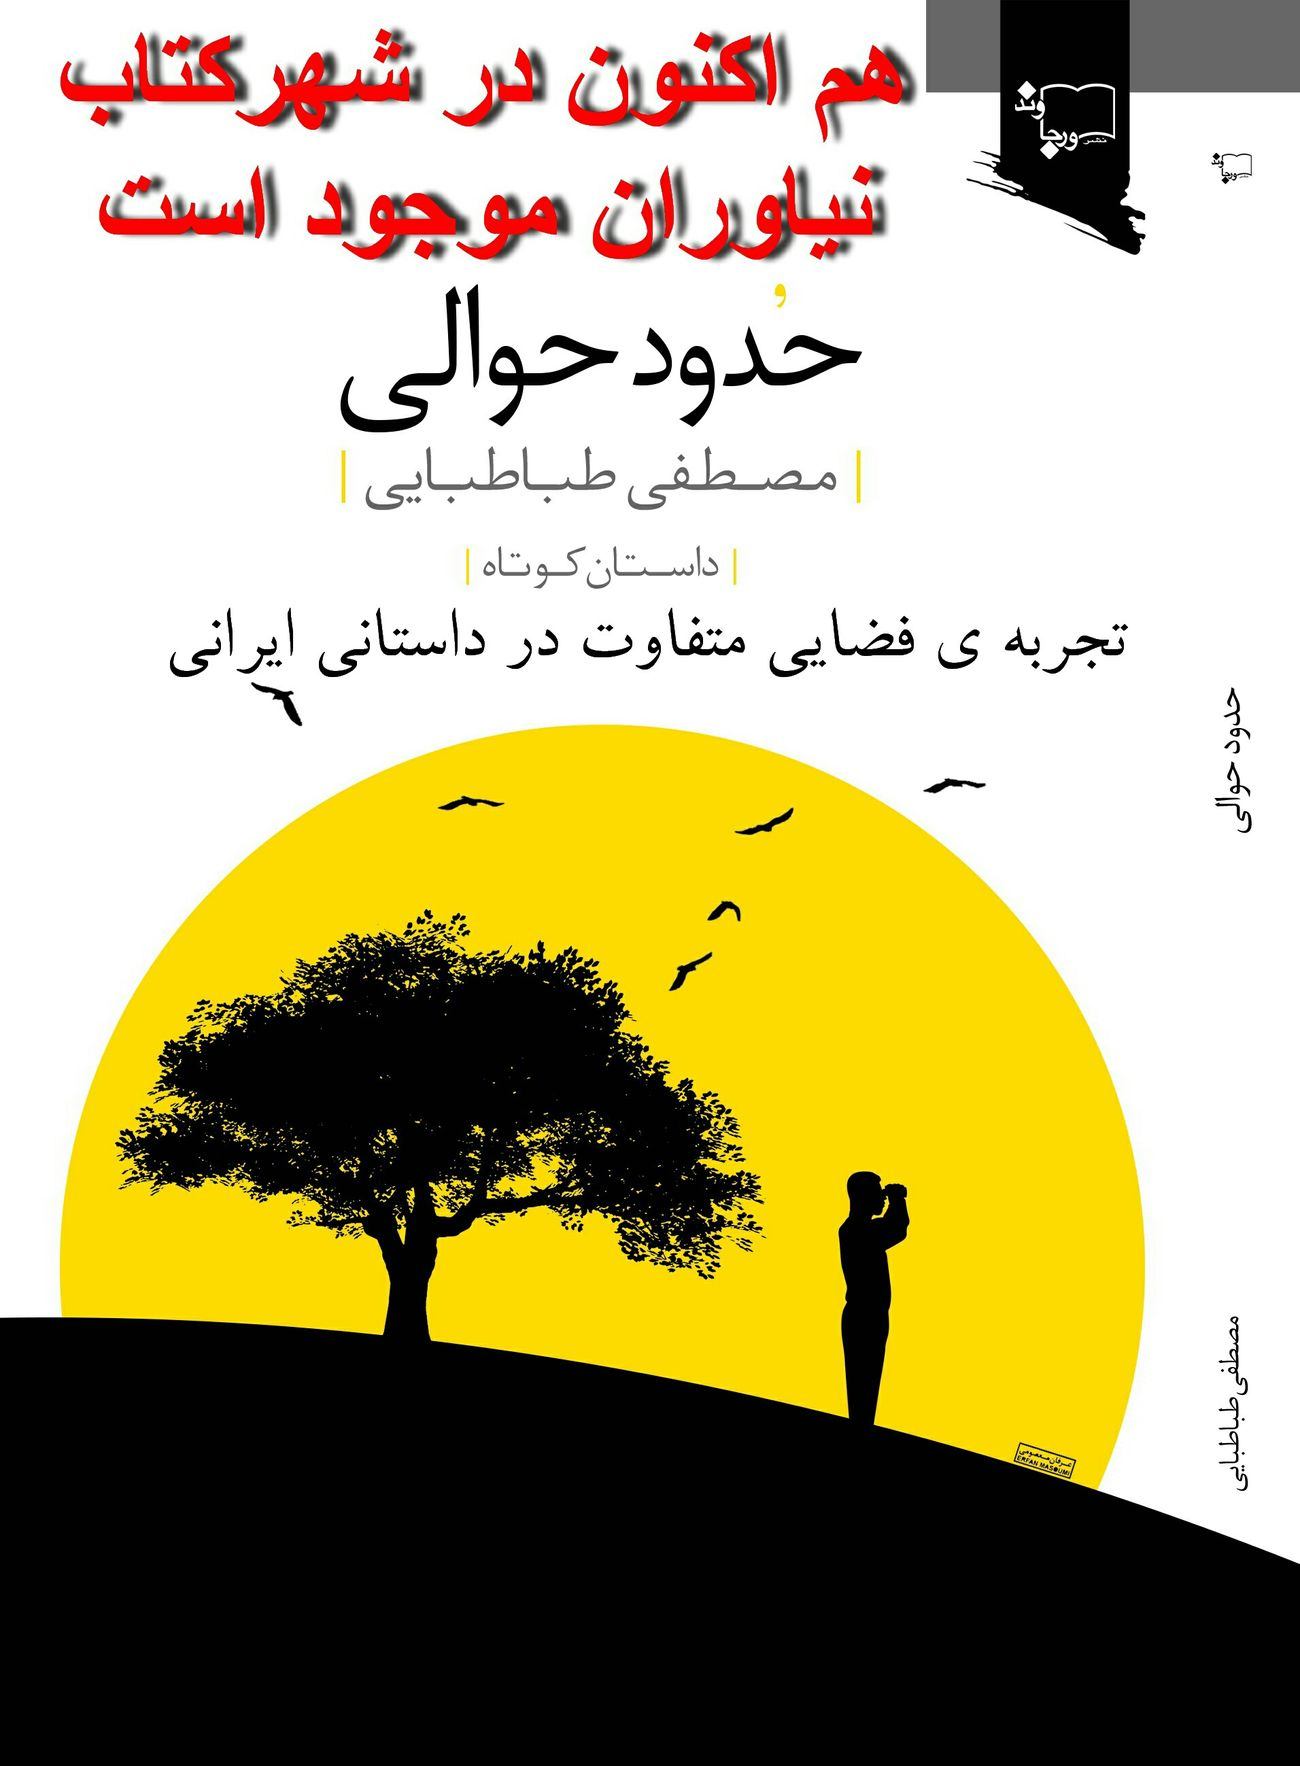 Ketab Book کتاب کتاب داستان شهرکتاب